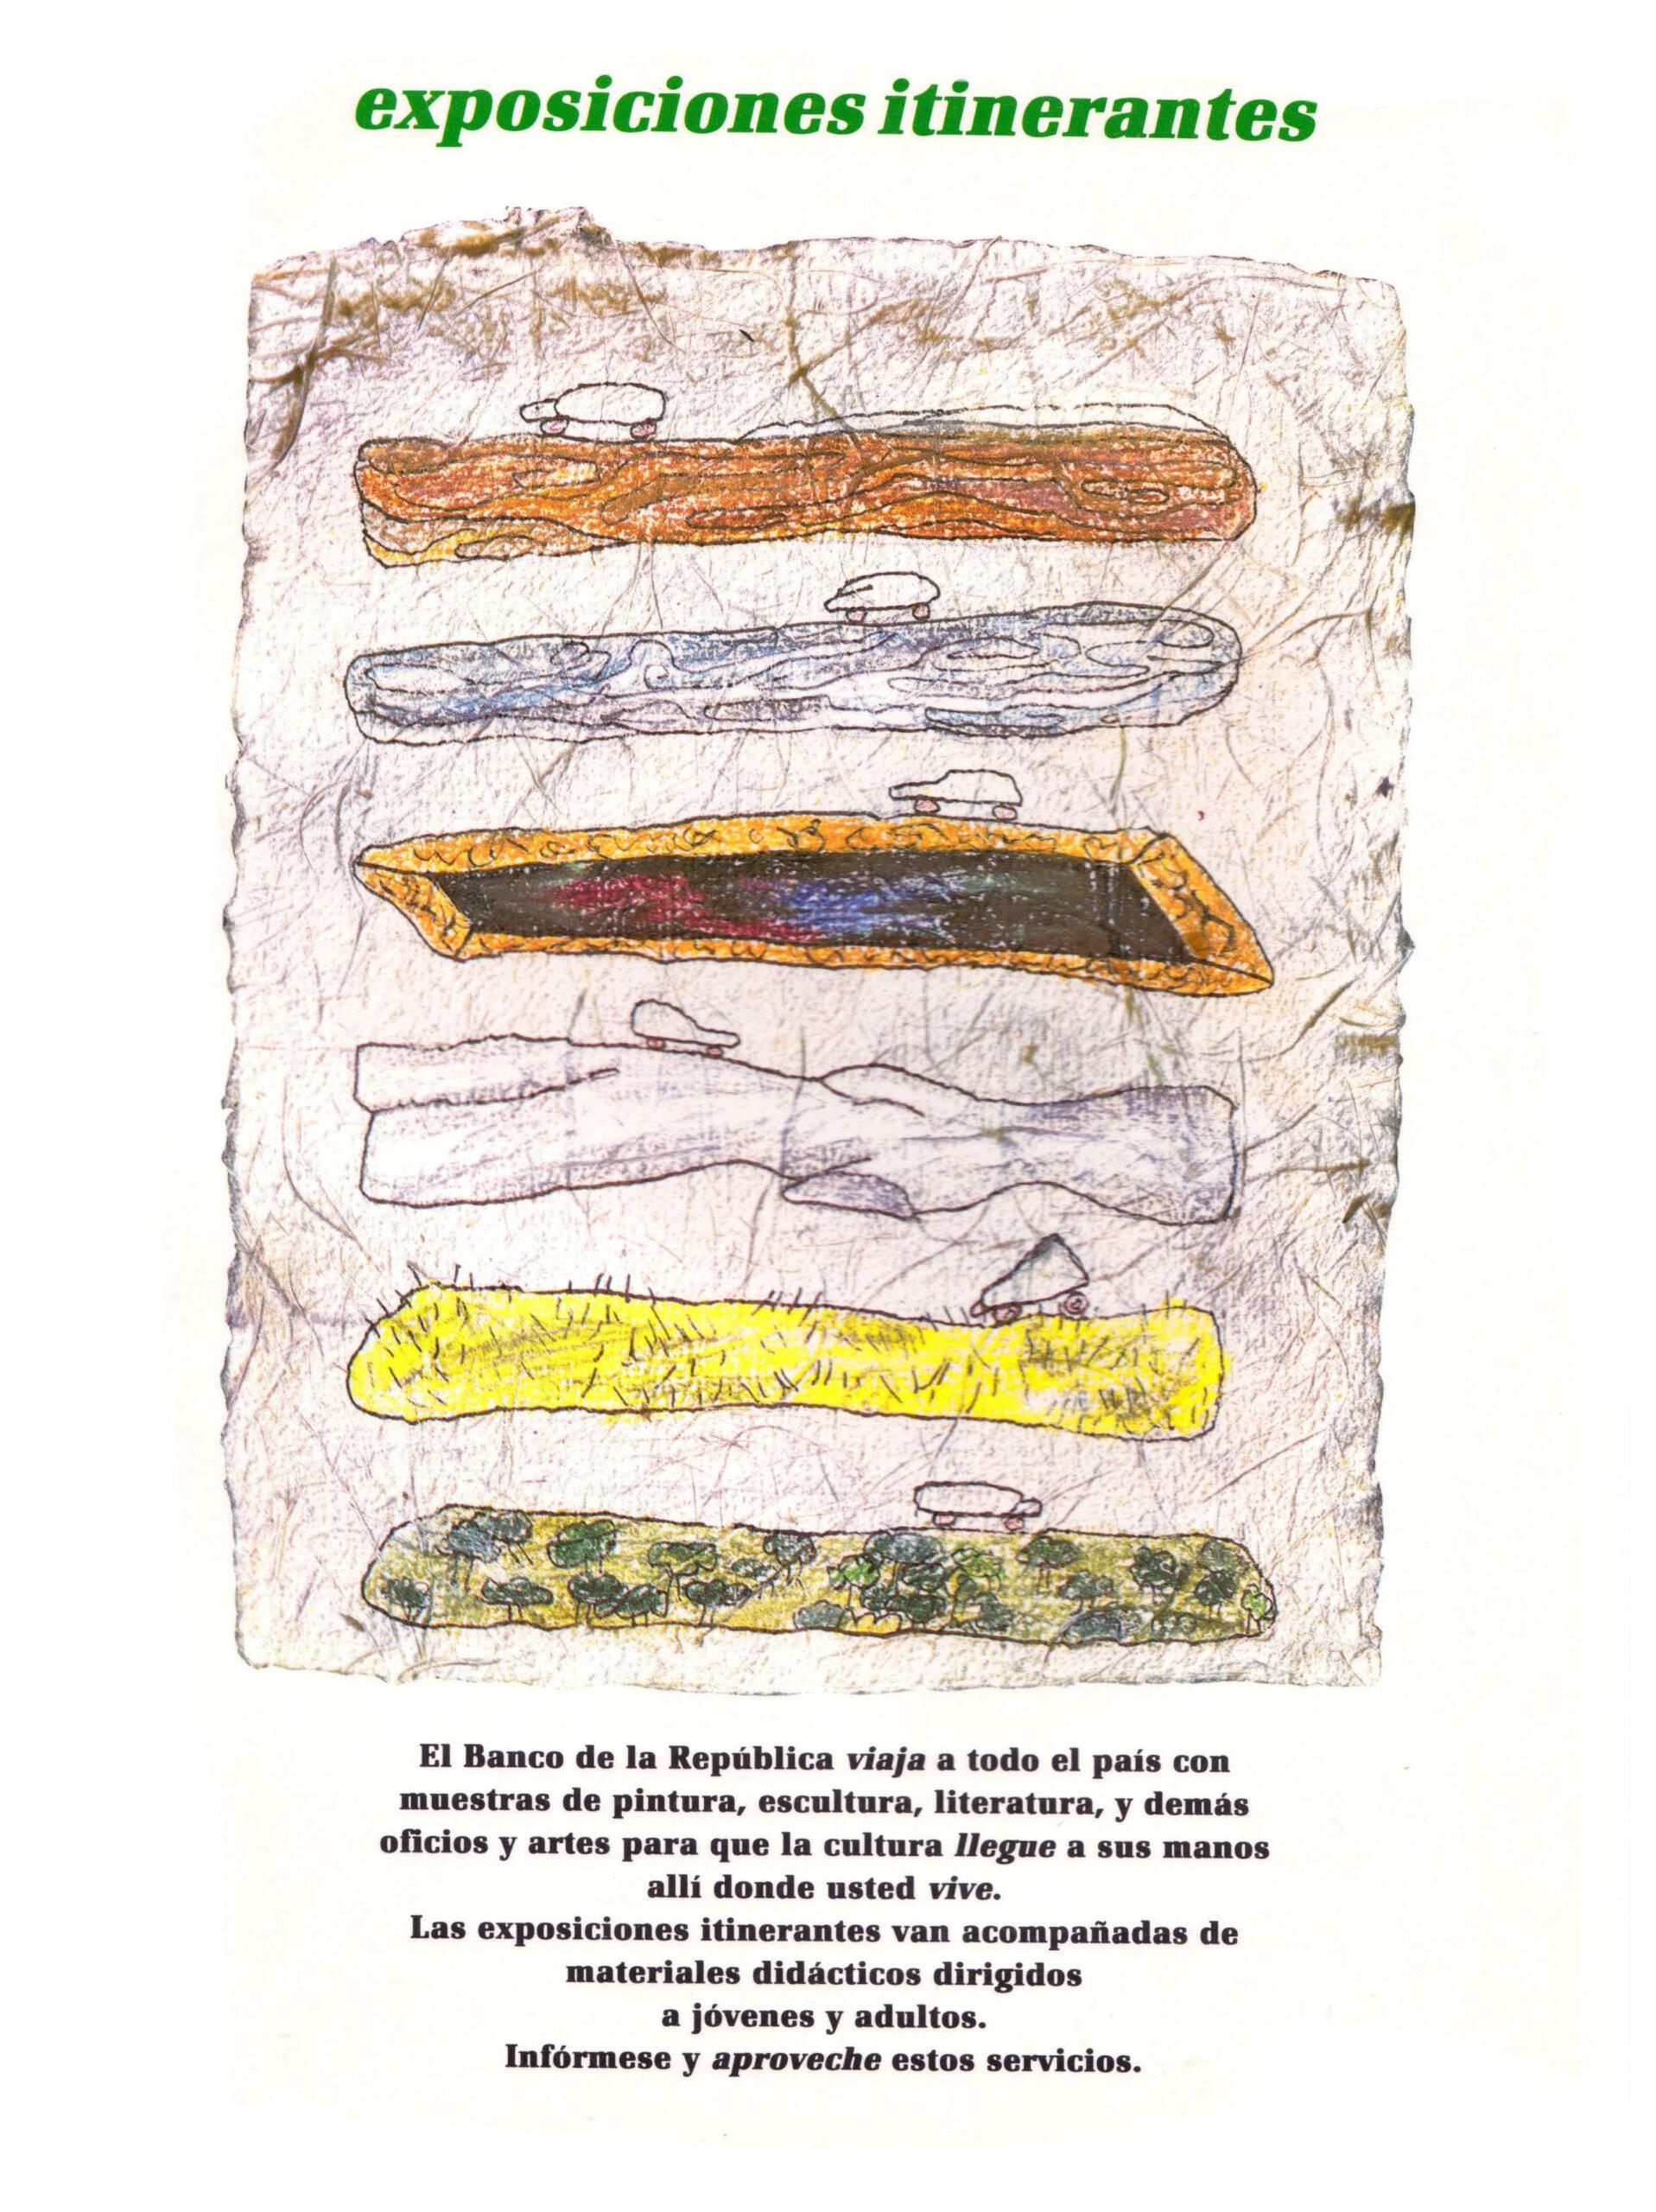 Cardoso. María Fernanda. Contraportada. Boletín Cultural y Bibliográfico XXII. no. 5. 1985 copy